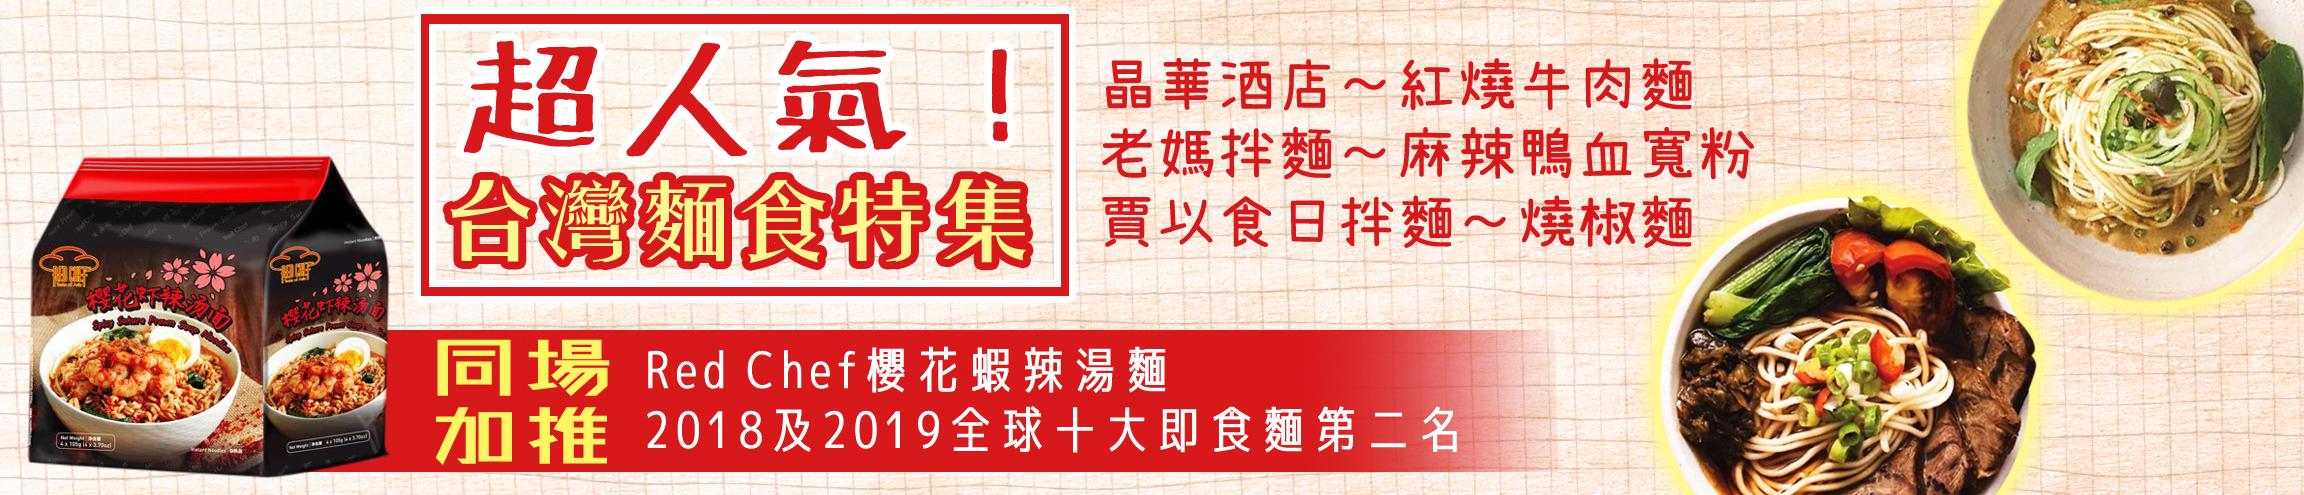 生活館幫你直送各地人氣粉麵,包括麻辣鴨血寬粉、台灣冠軍牛肉麵、伴麵等,同場加推馬來西亞櫻花蝦辣湯麵!